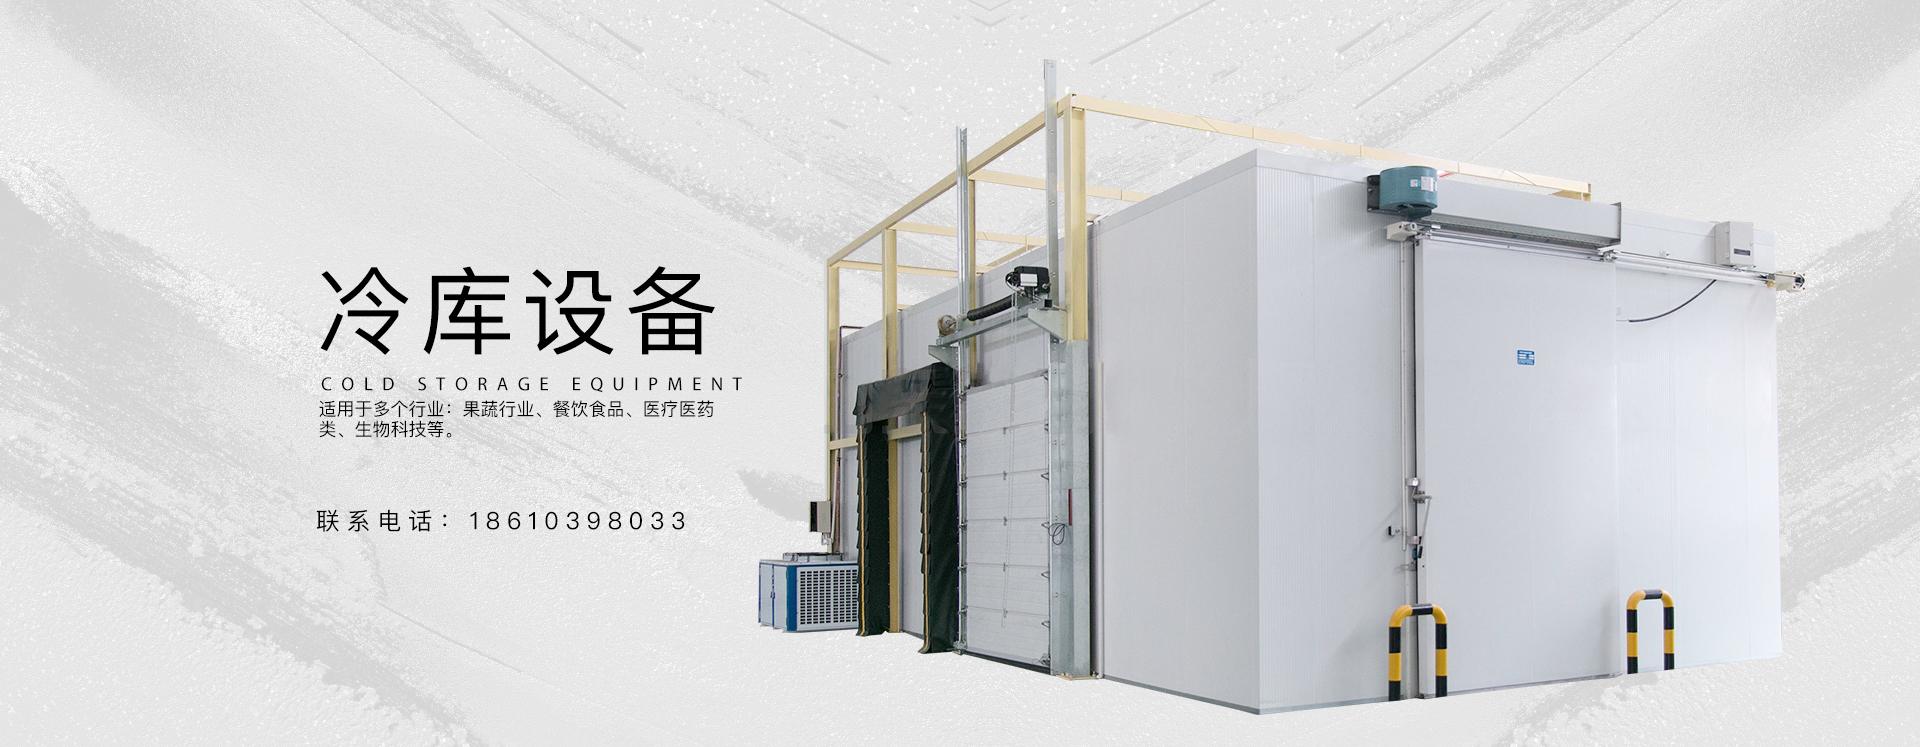 北京兴东华瑞幻灯图